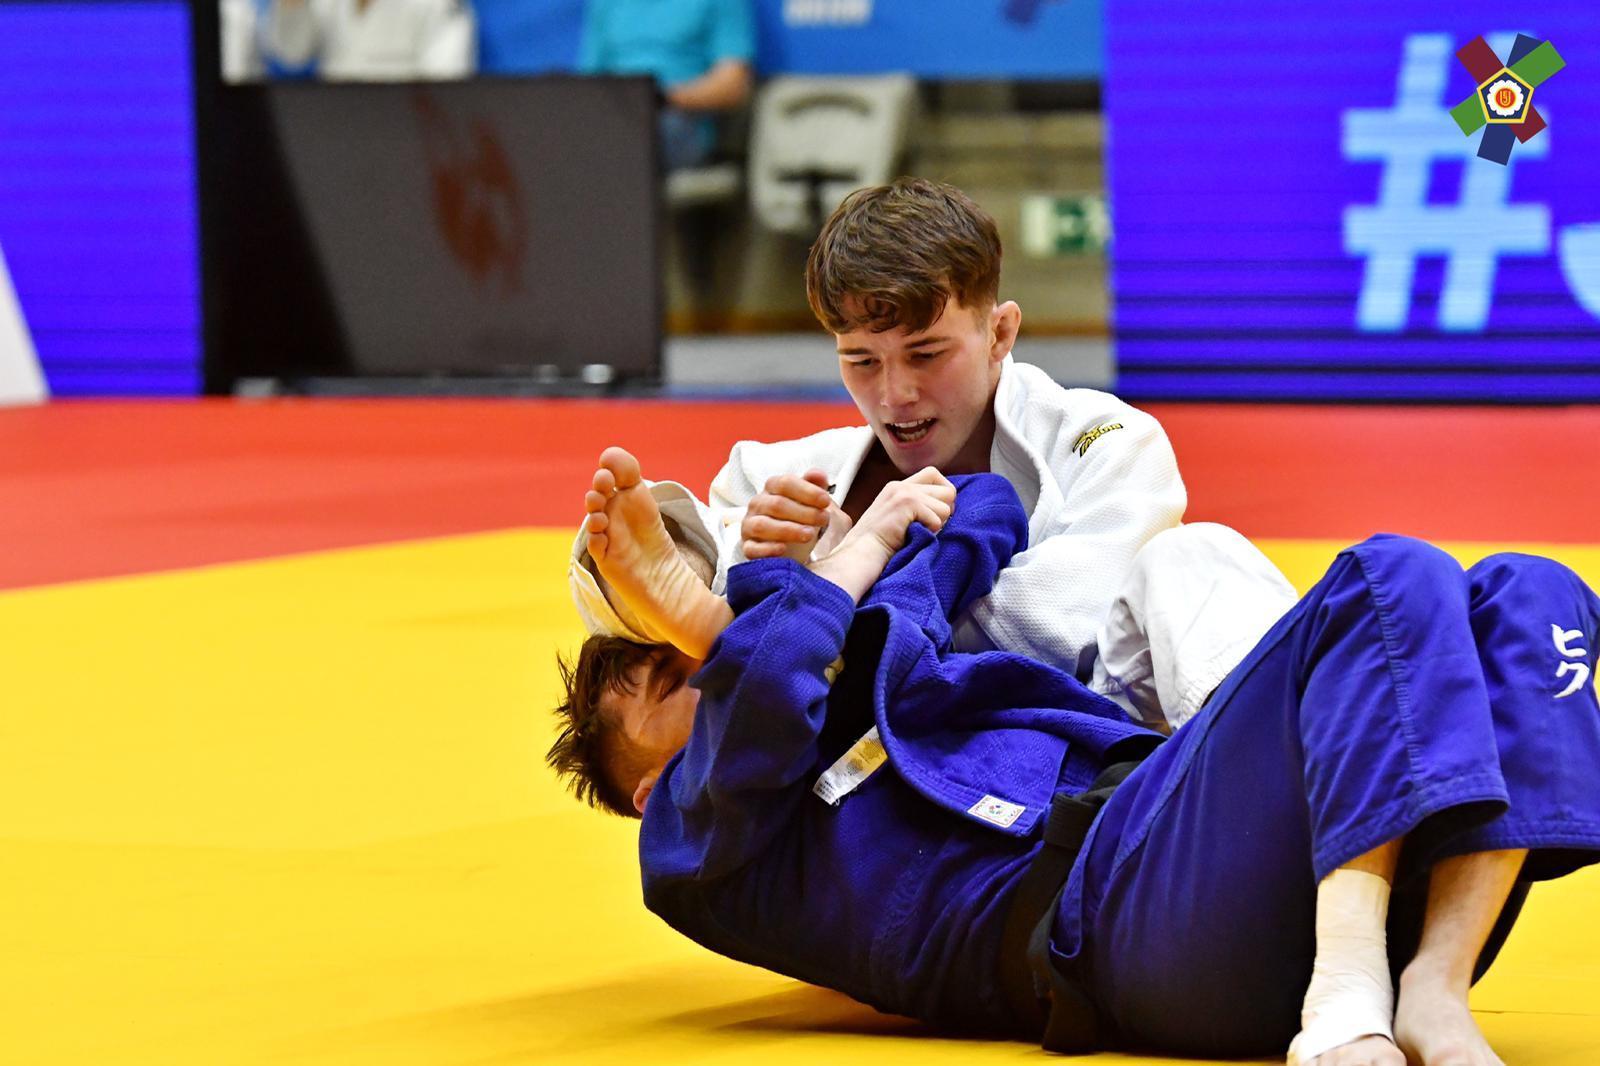 Purmerender Emiel Jaring (20) verrast in Praag: judoka pakt meteen de titel bij zijn eerste seniorentoernooi